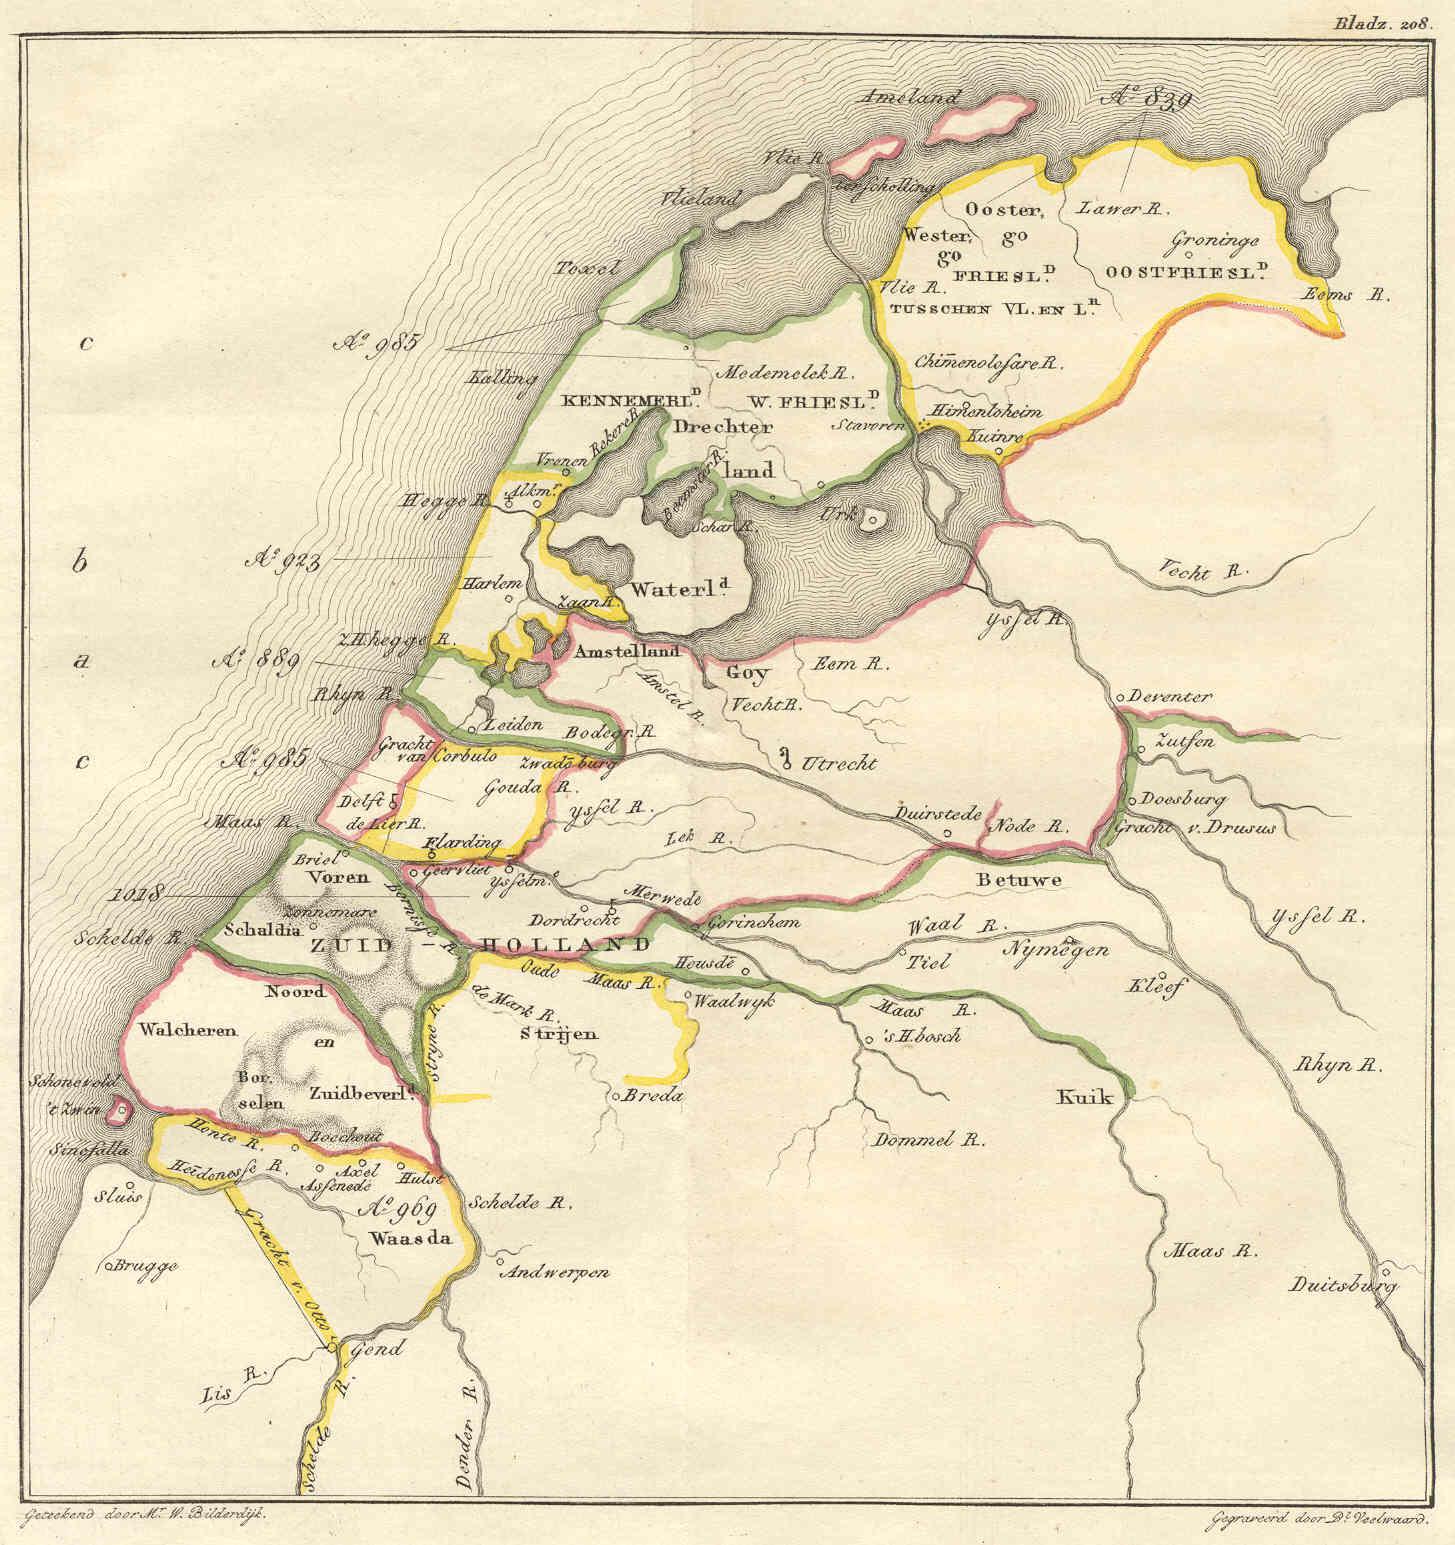 Vronen op een kaartje van Nederland rond ca. 1000: onderin het bovenste groene gebied (waar Texel nog aan vast zit), tussen Kennemerland en Alkmaar.  Willem Bilderdijk, Bestuurlijke kaart van Nederland omstreeks het jaar 1000 (1832). Beeld: via Wikimedia Commons